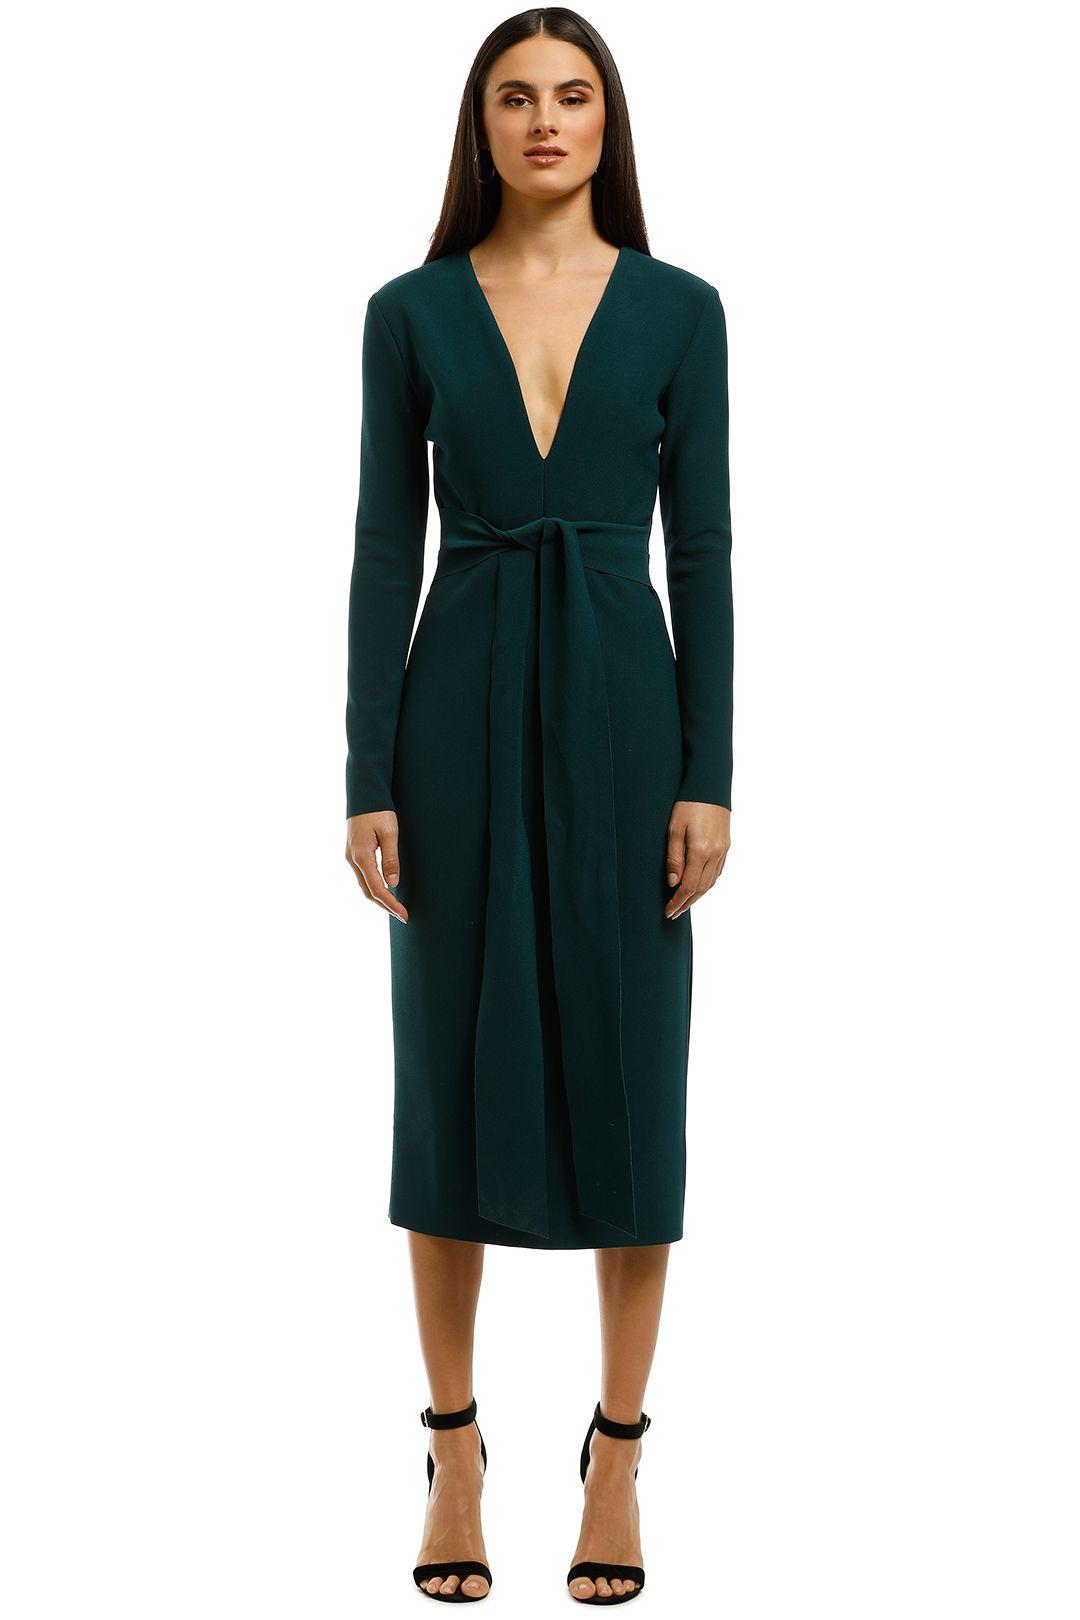 Bec+Bridge-Tasha-LS-Midi-Dress-Emerald-Front